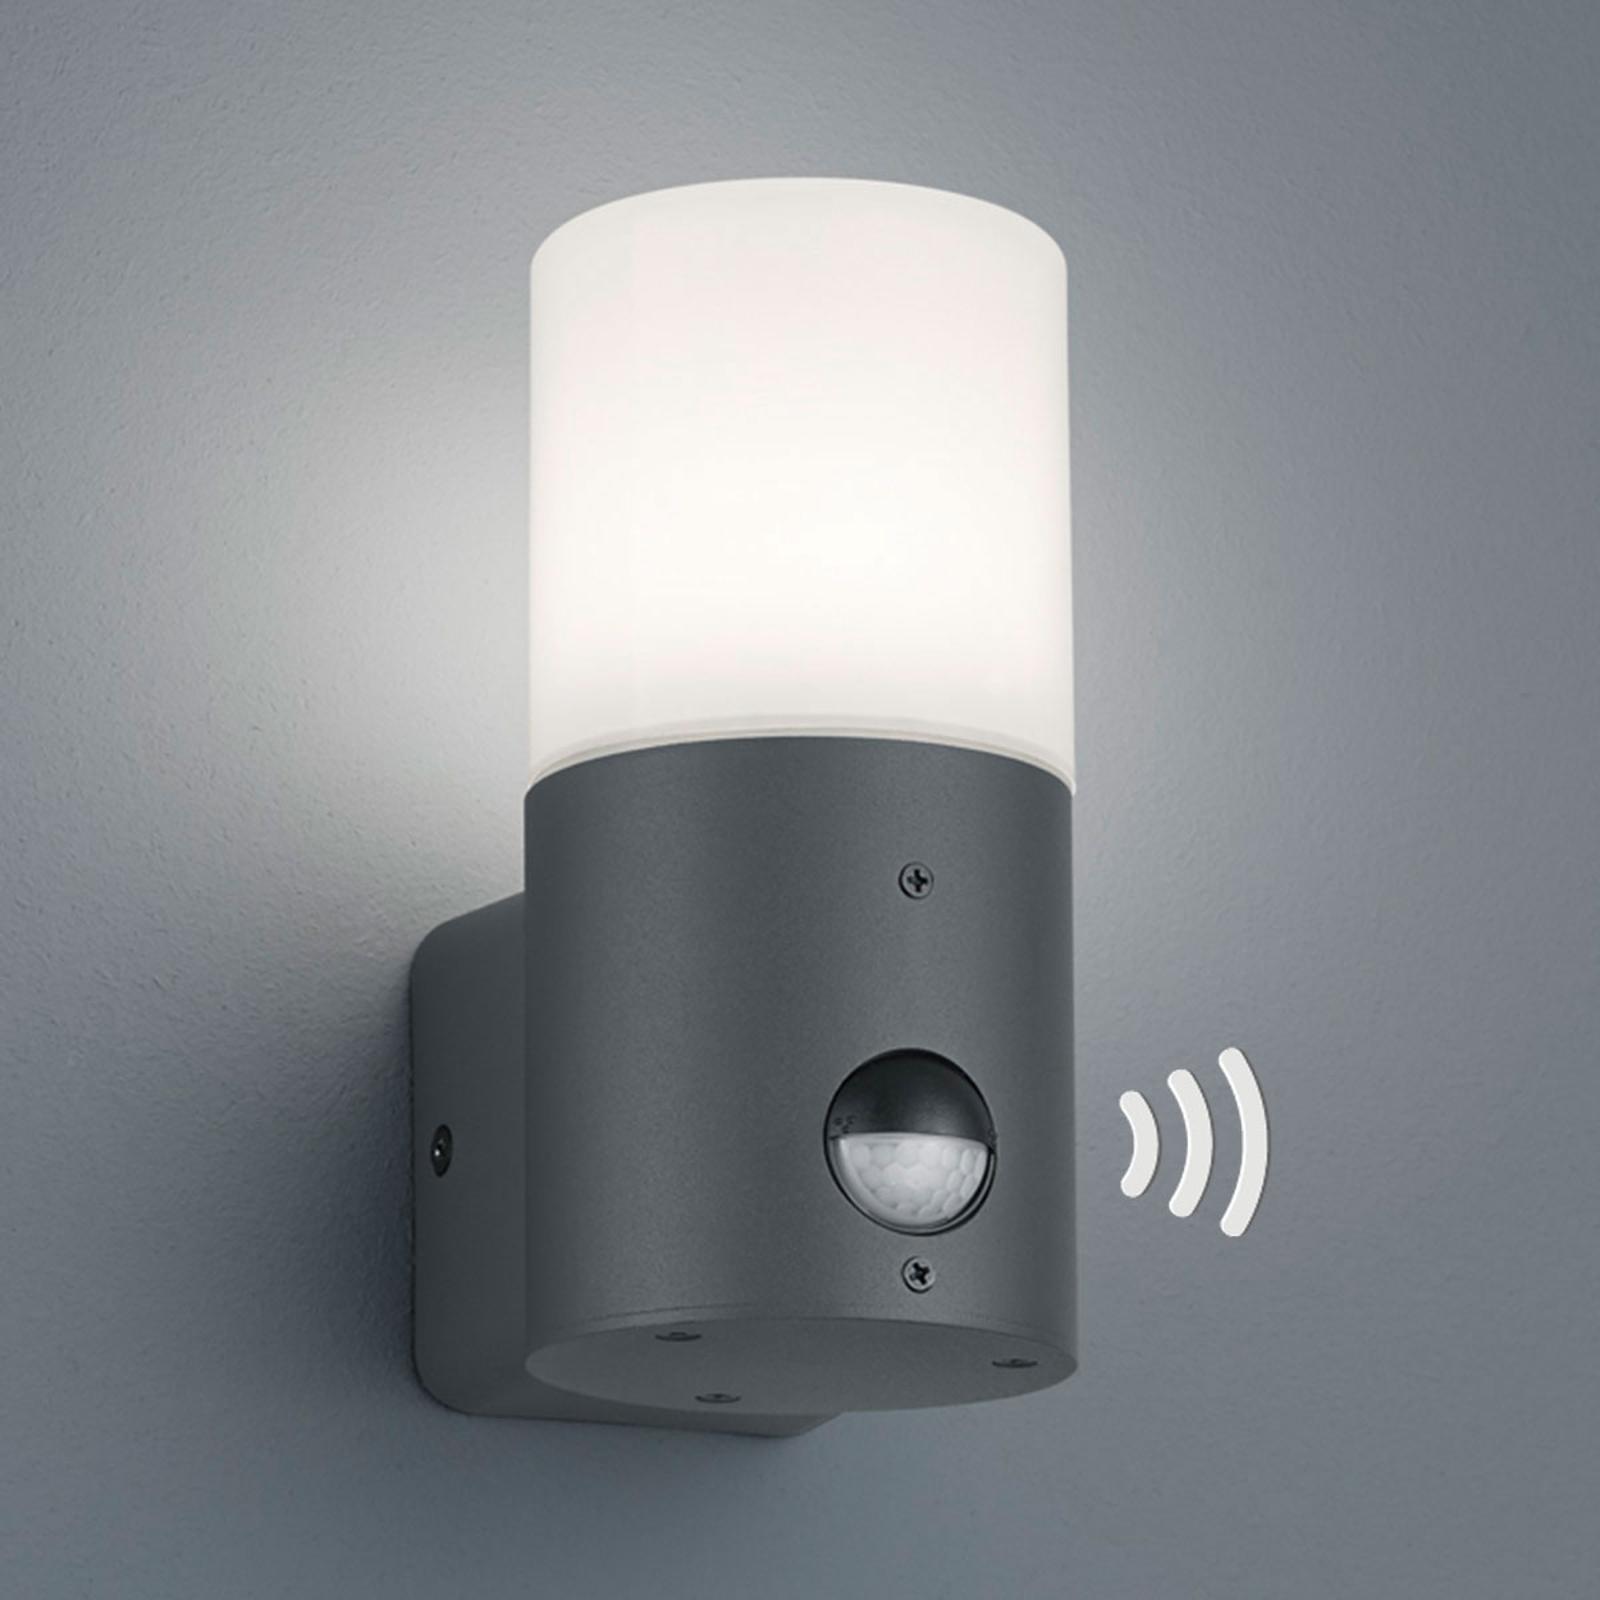 Lille udendørsvæglampe Hoosic med bevægelsessensor